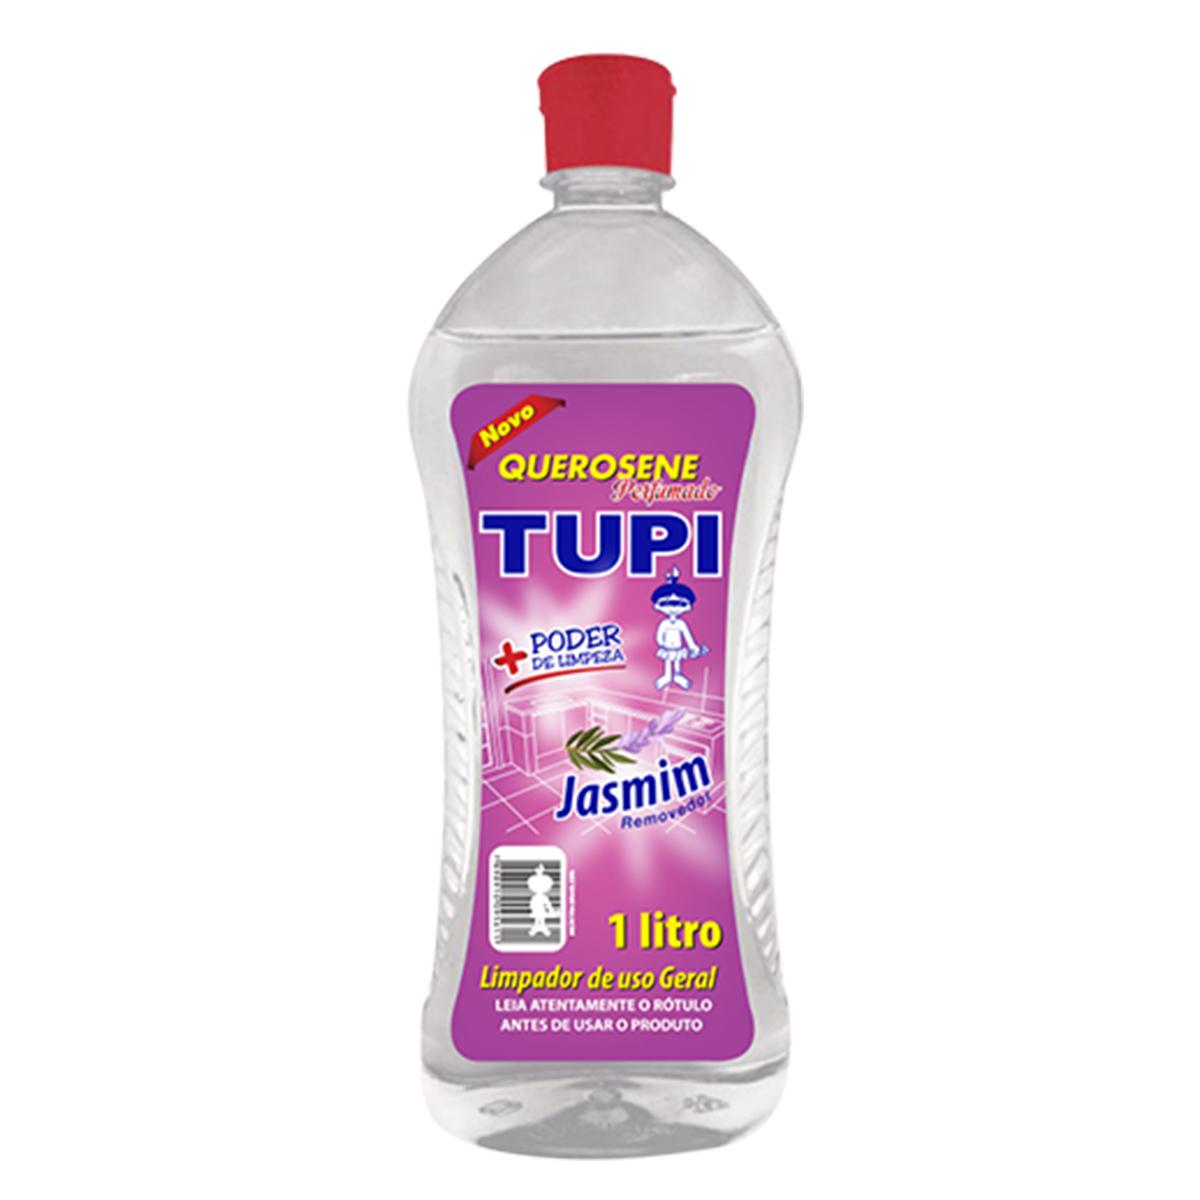 Querosene Perfumado Jasmim Tupi – 500ml